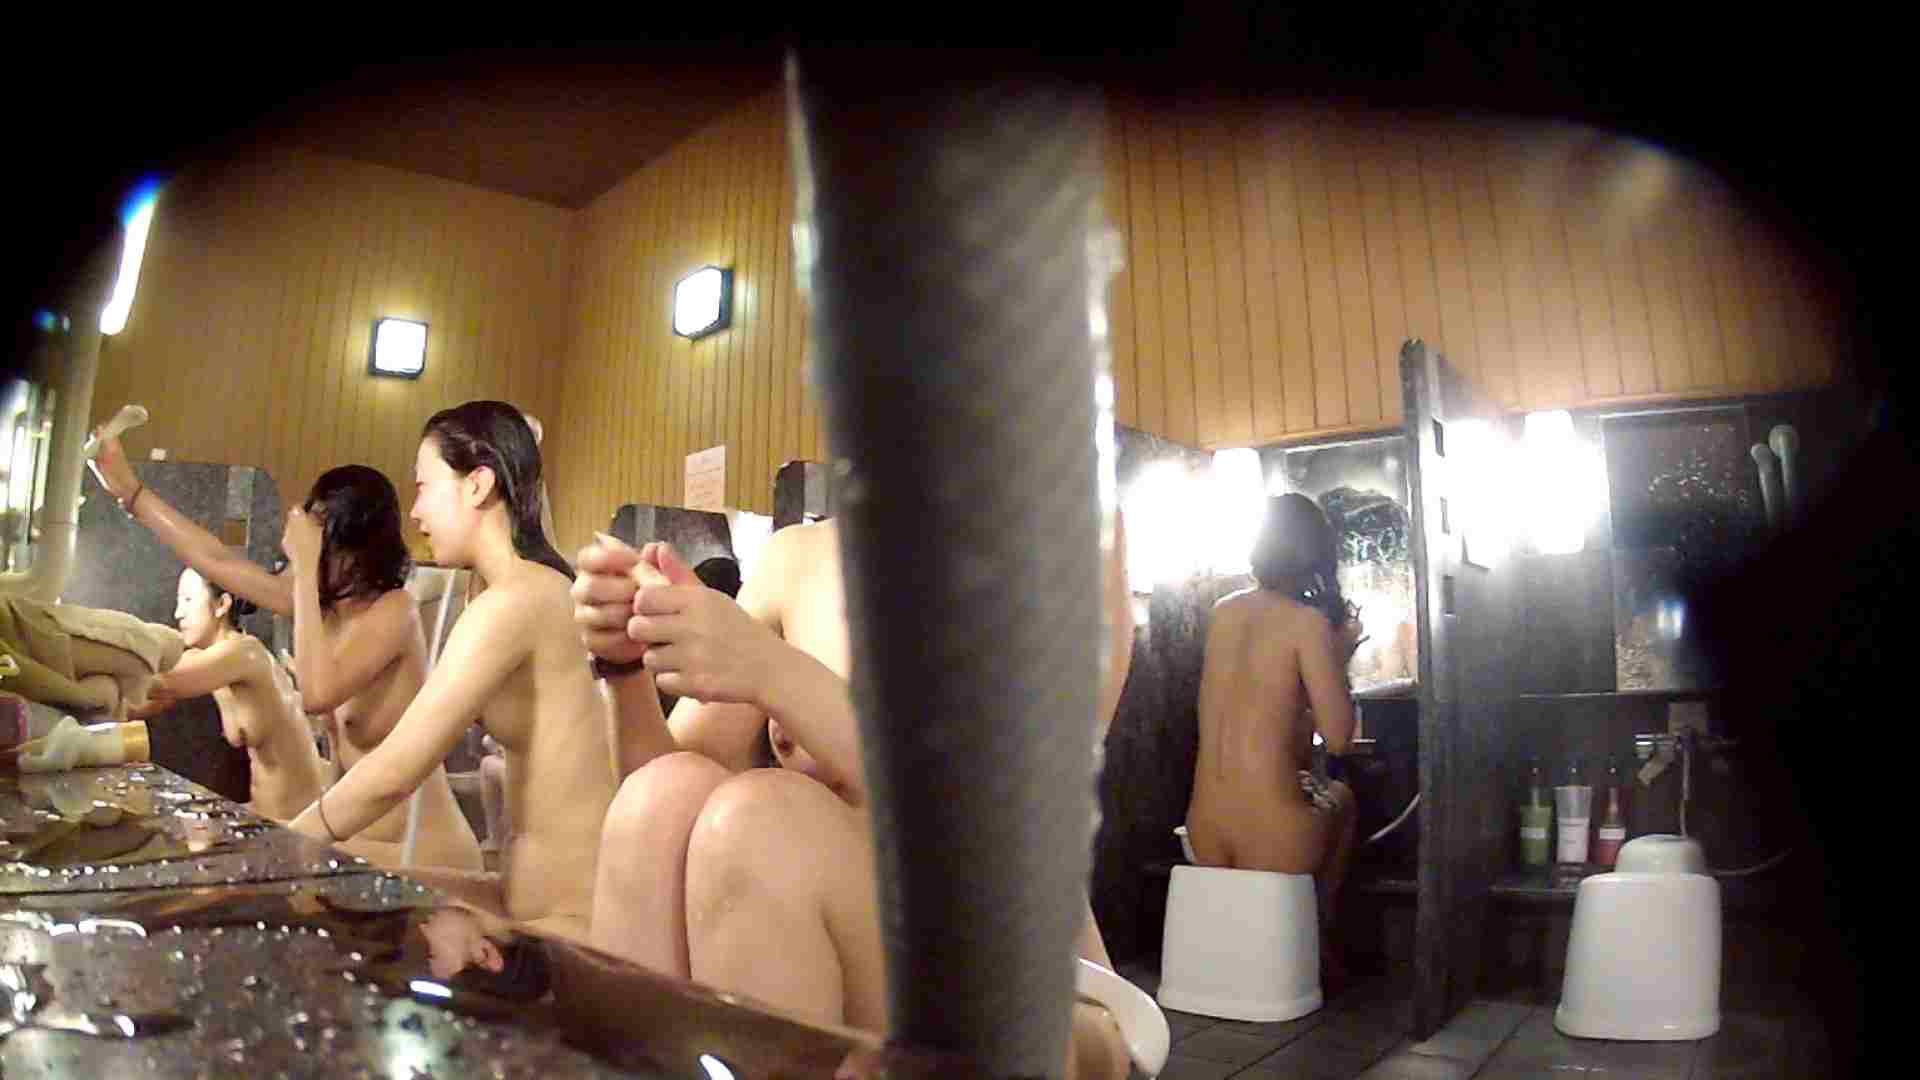 ハイビジョン 洗い場!ちょっとケバいですが、美乳です!ホースが・・・ 美肌 | 細身  86画像 44